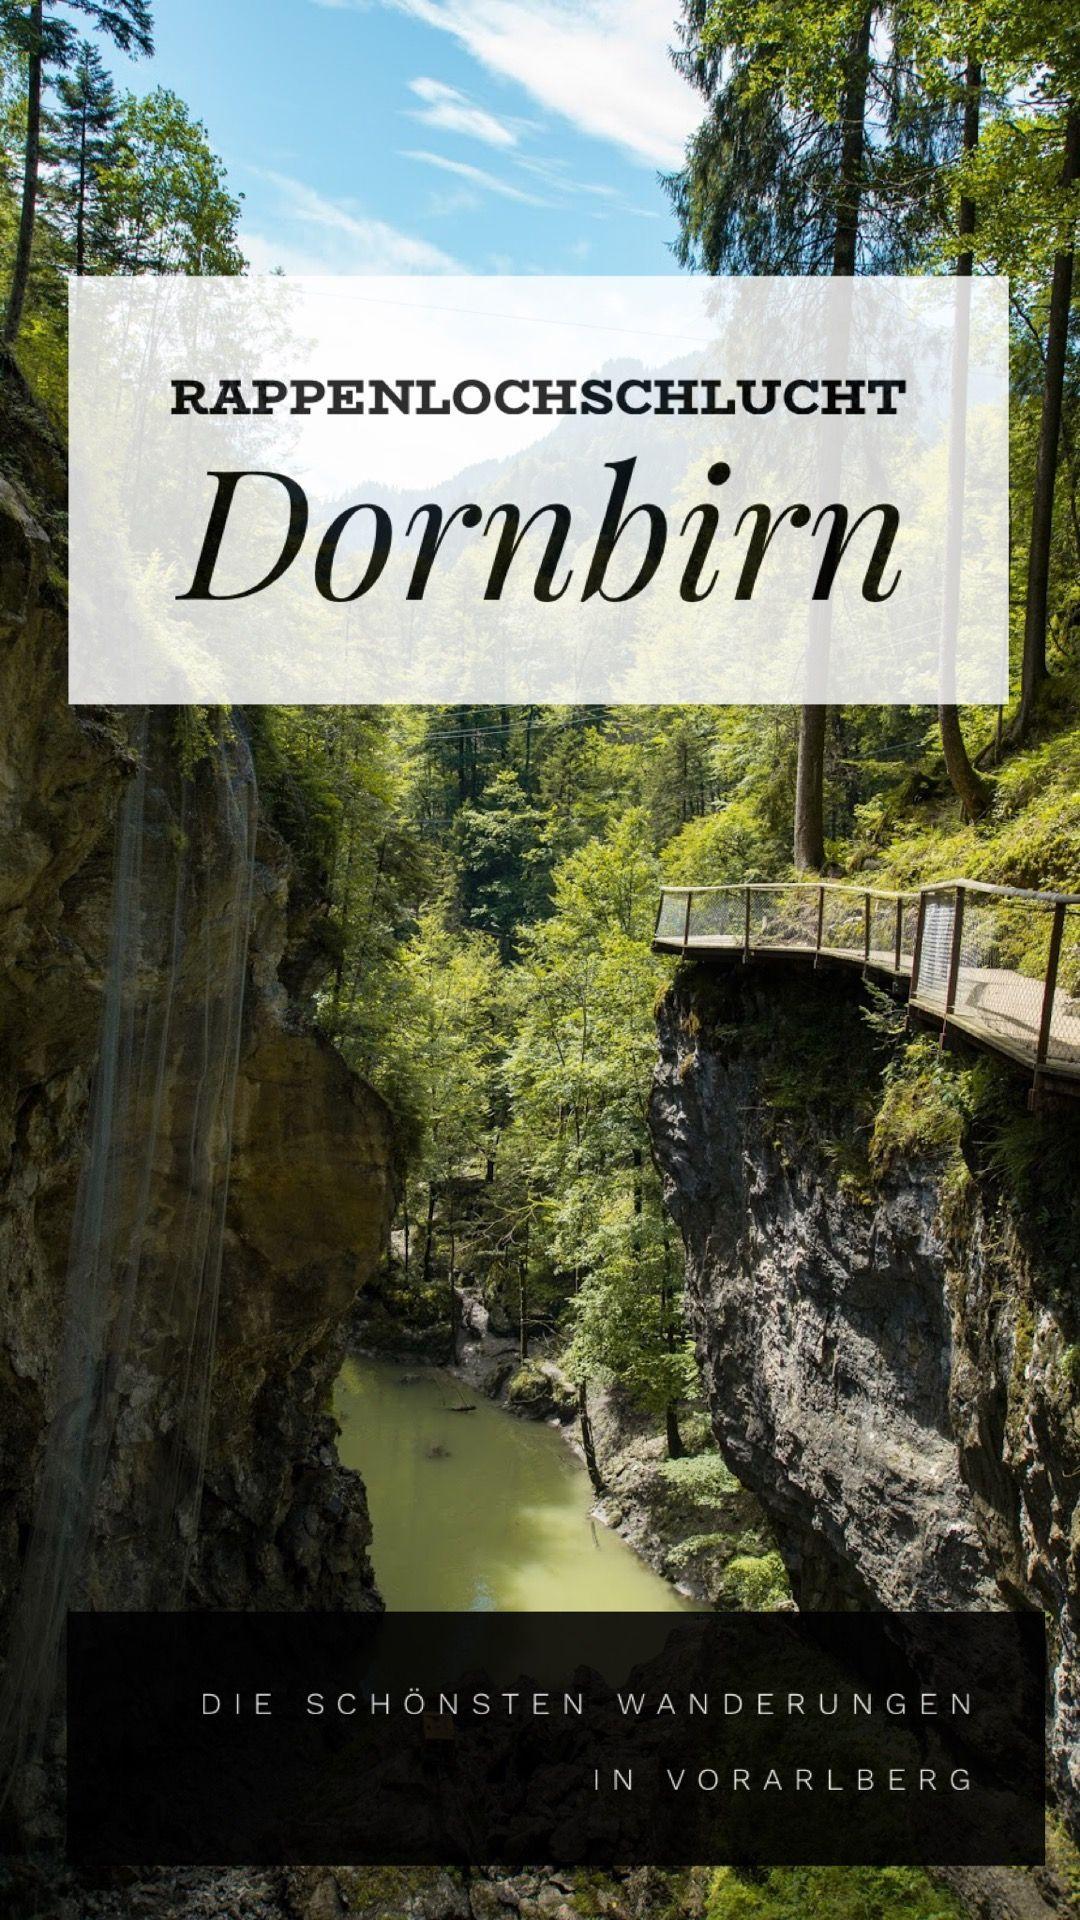 Rappenlochschlucht und Staufensee   Wandern Dornbirn #aroundtheworldtrips